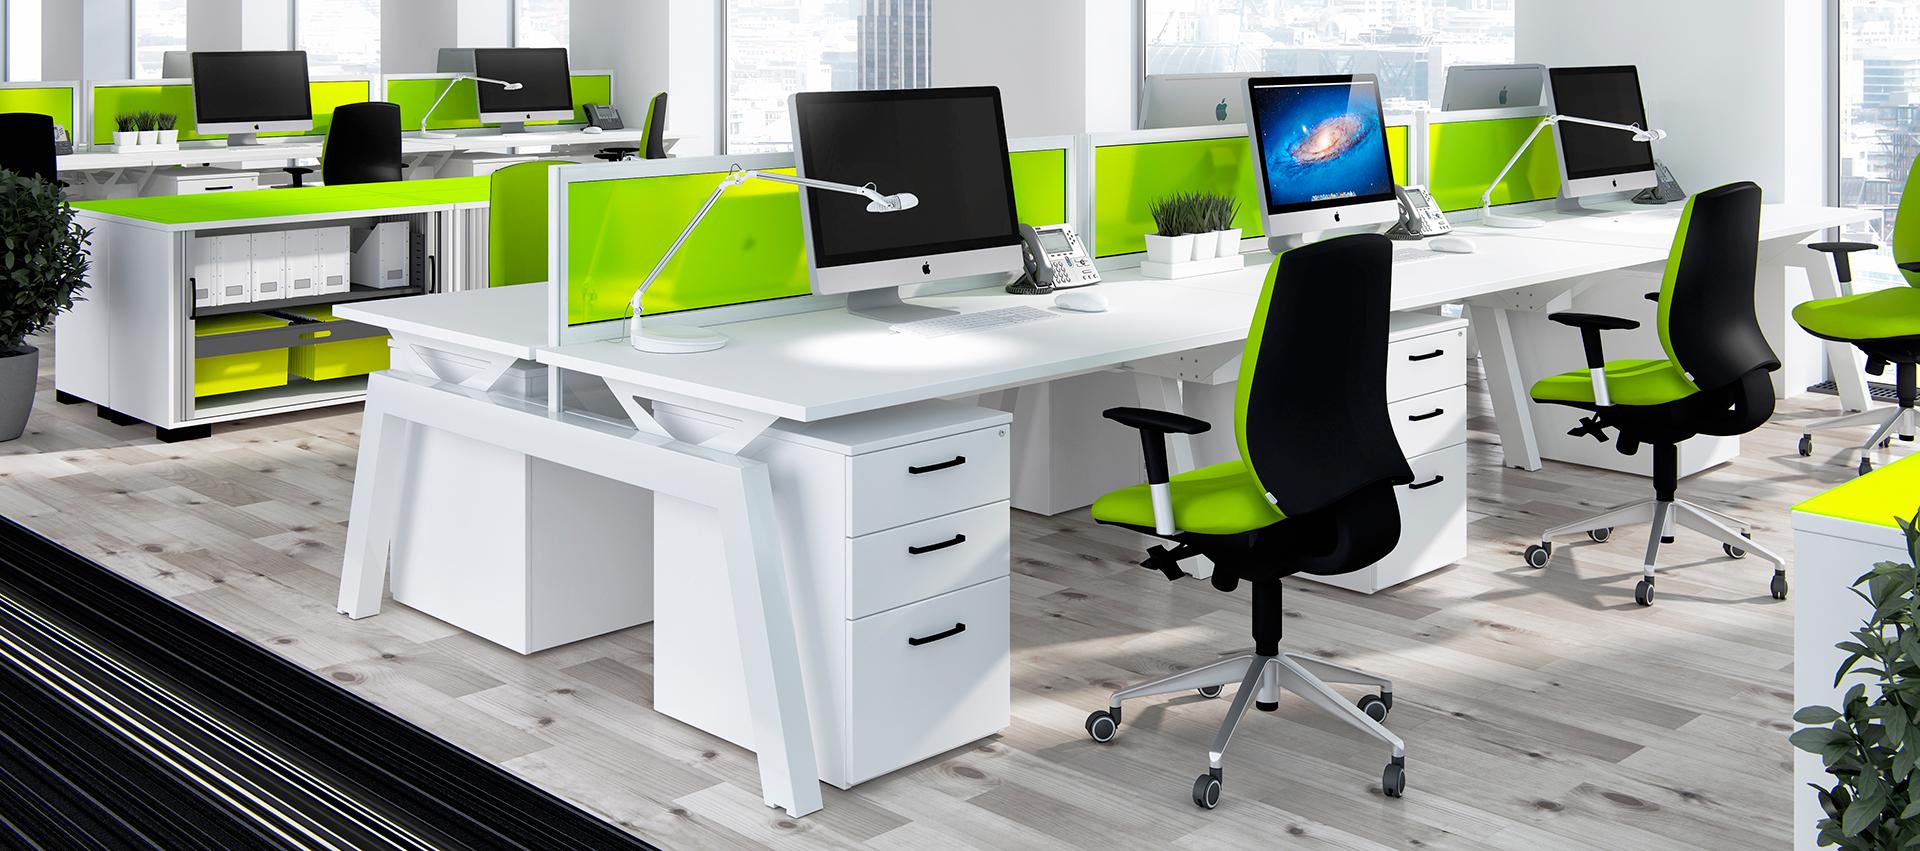 Assortiment werken A tot Z kantoormeubilair